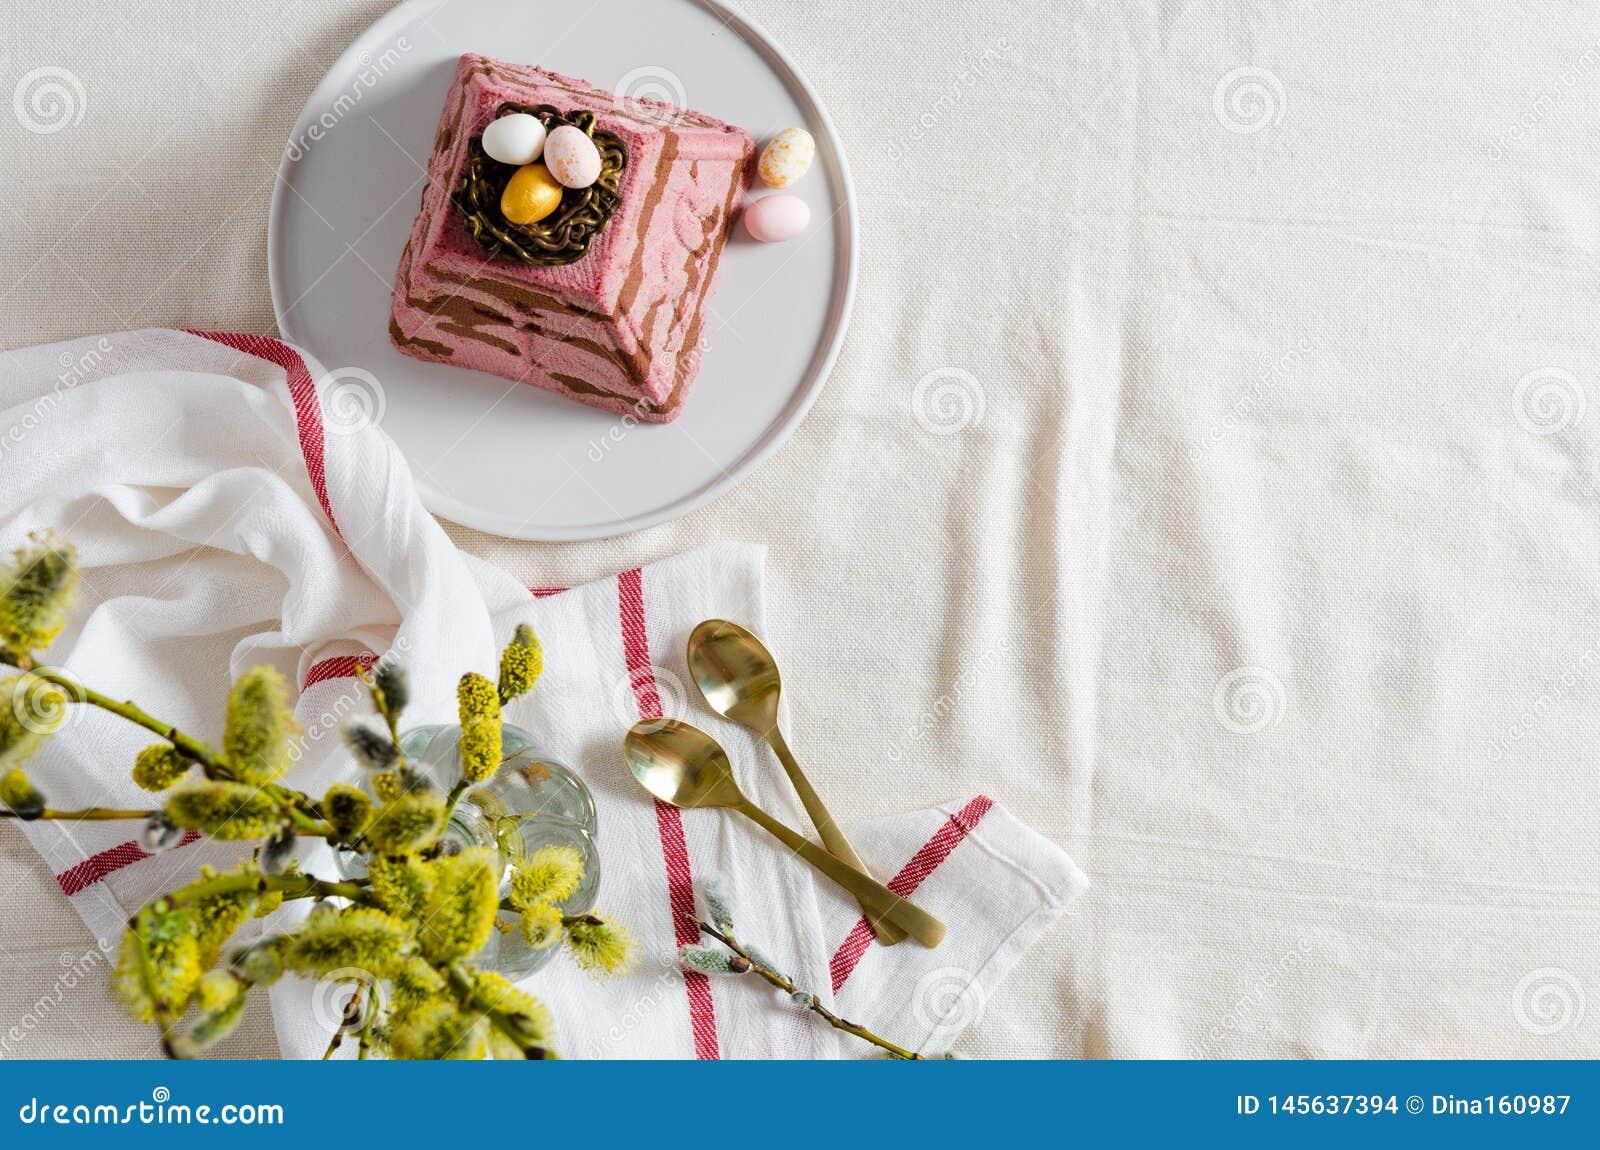 Paskha traditionelles orthodoxes Ostern Quark Dessert Curd Rote Tulpe und farbige Eier Traditioneller H?uschenk?sekuchen Ostern-L